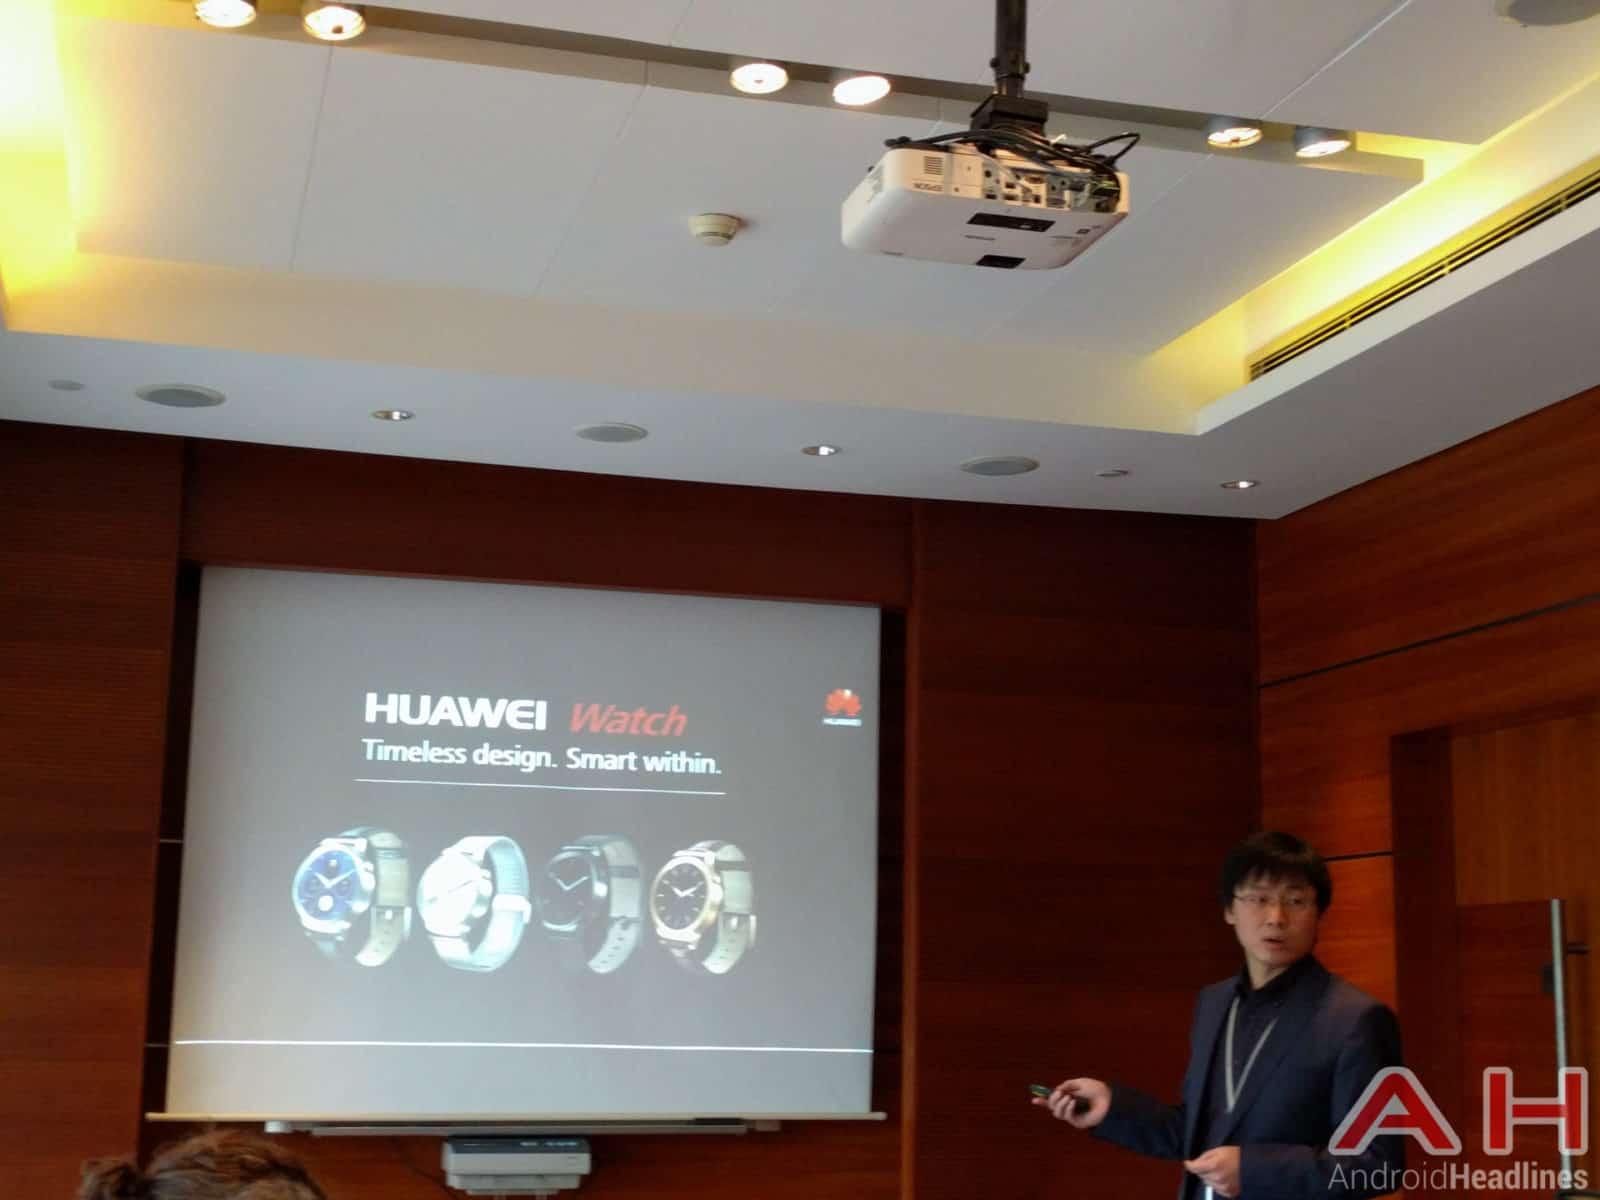 Huawei-Watch-Mengran-Duan-1